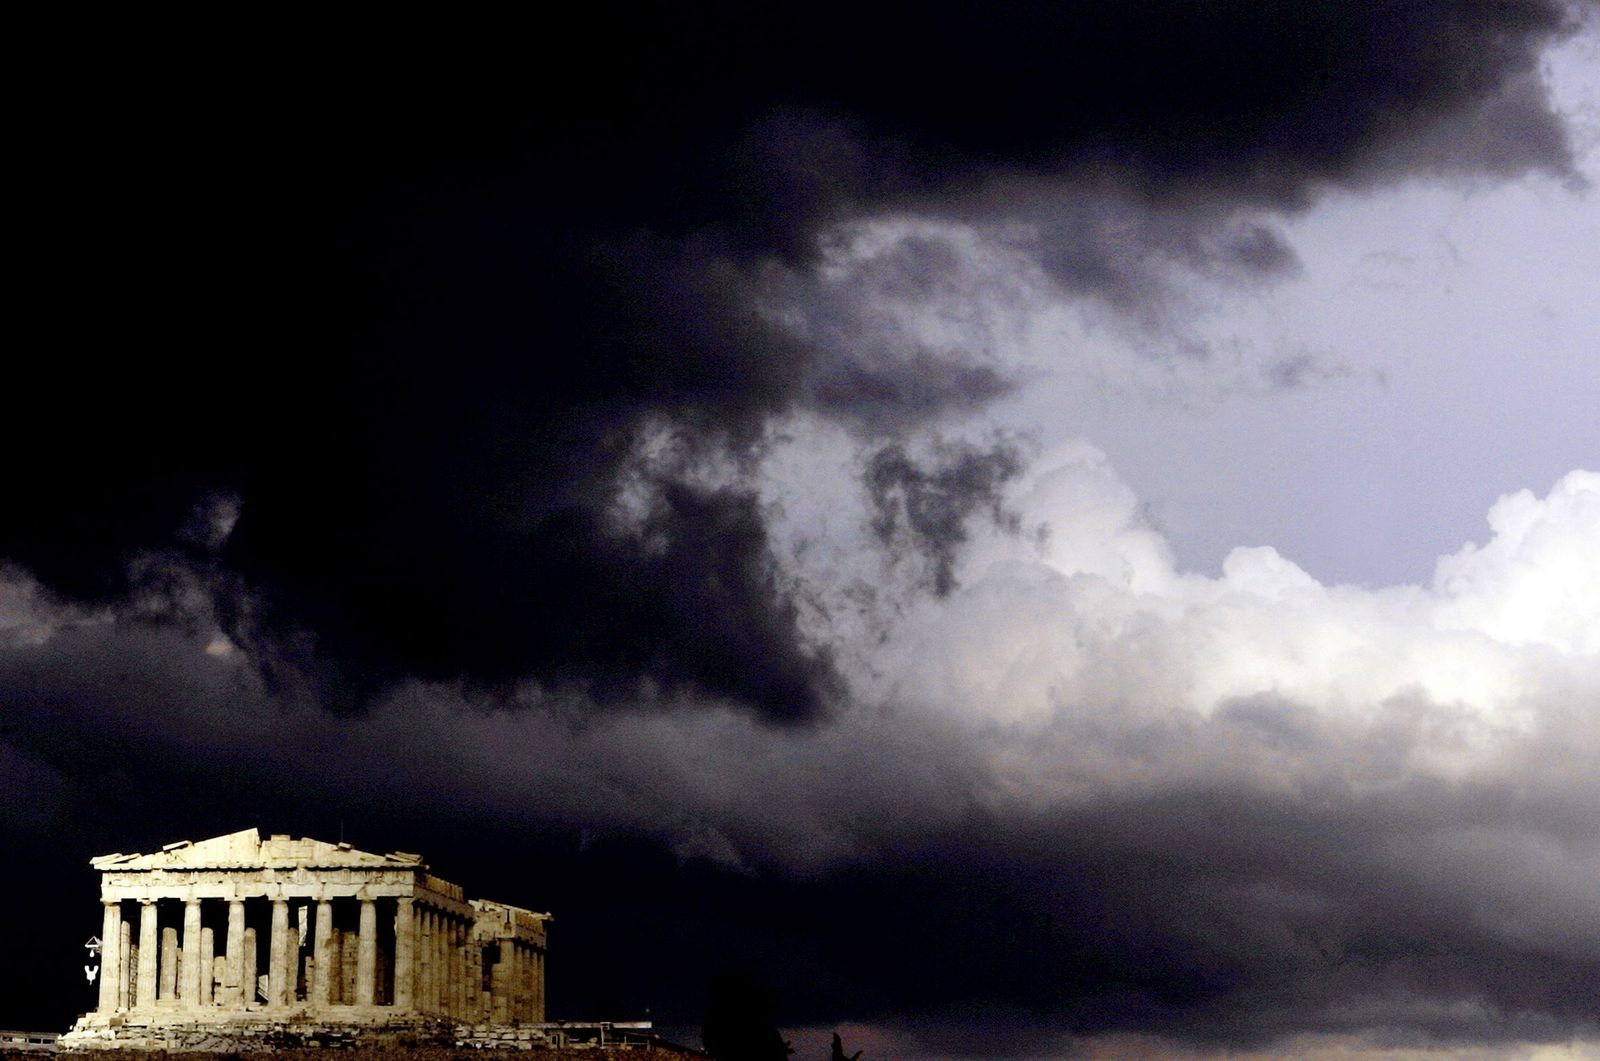 NICHT VERWENDEN Griechenland / Akropolis / Dunkle Wolken